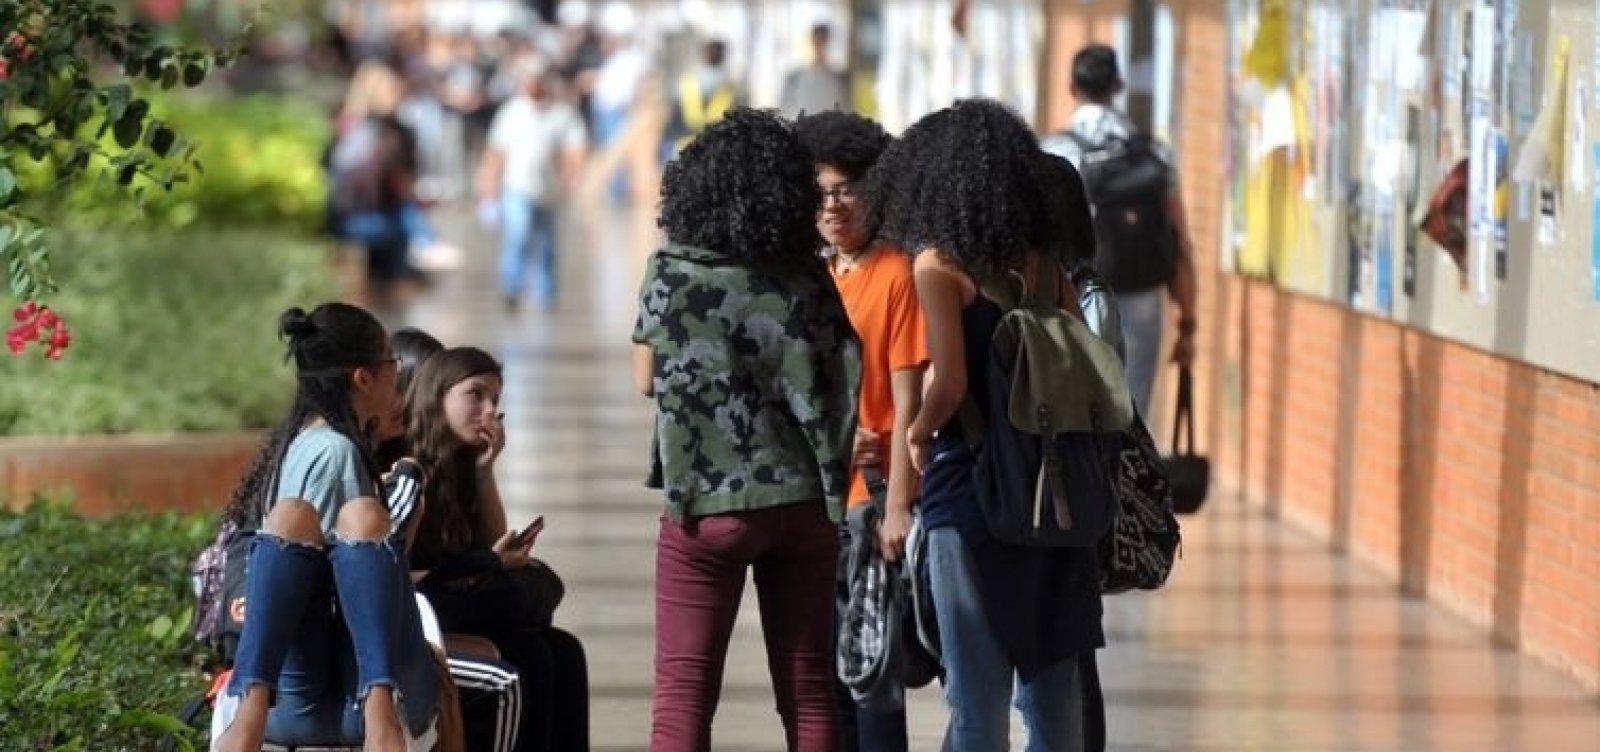 [Pretos e pardos são maioria nas universidades públicas brasileiras, diz IBGE]